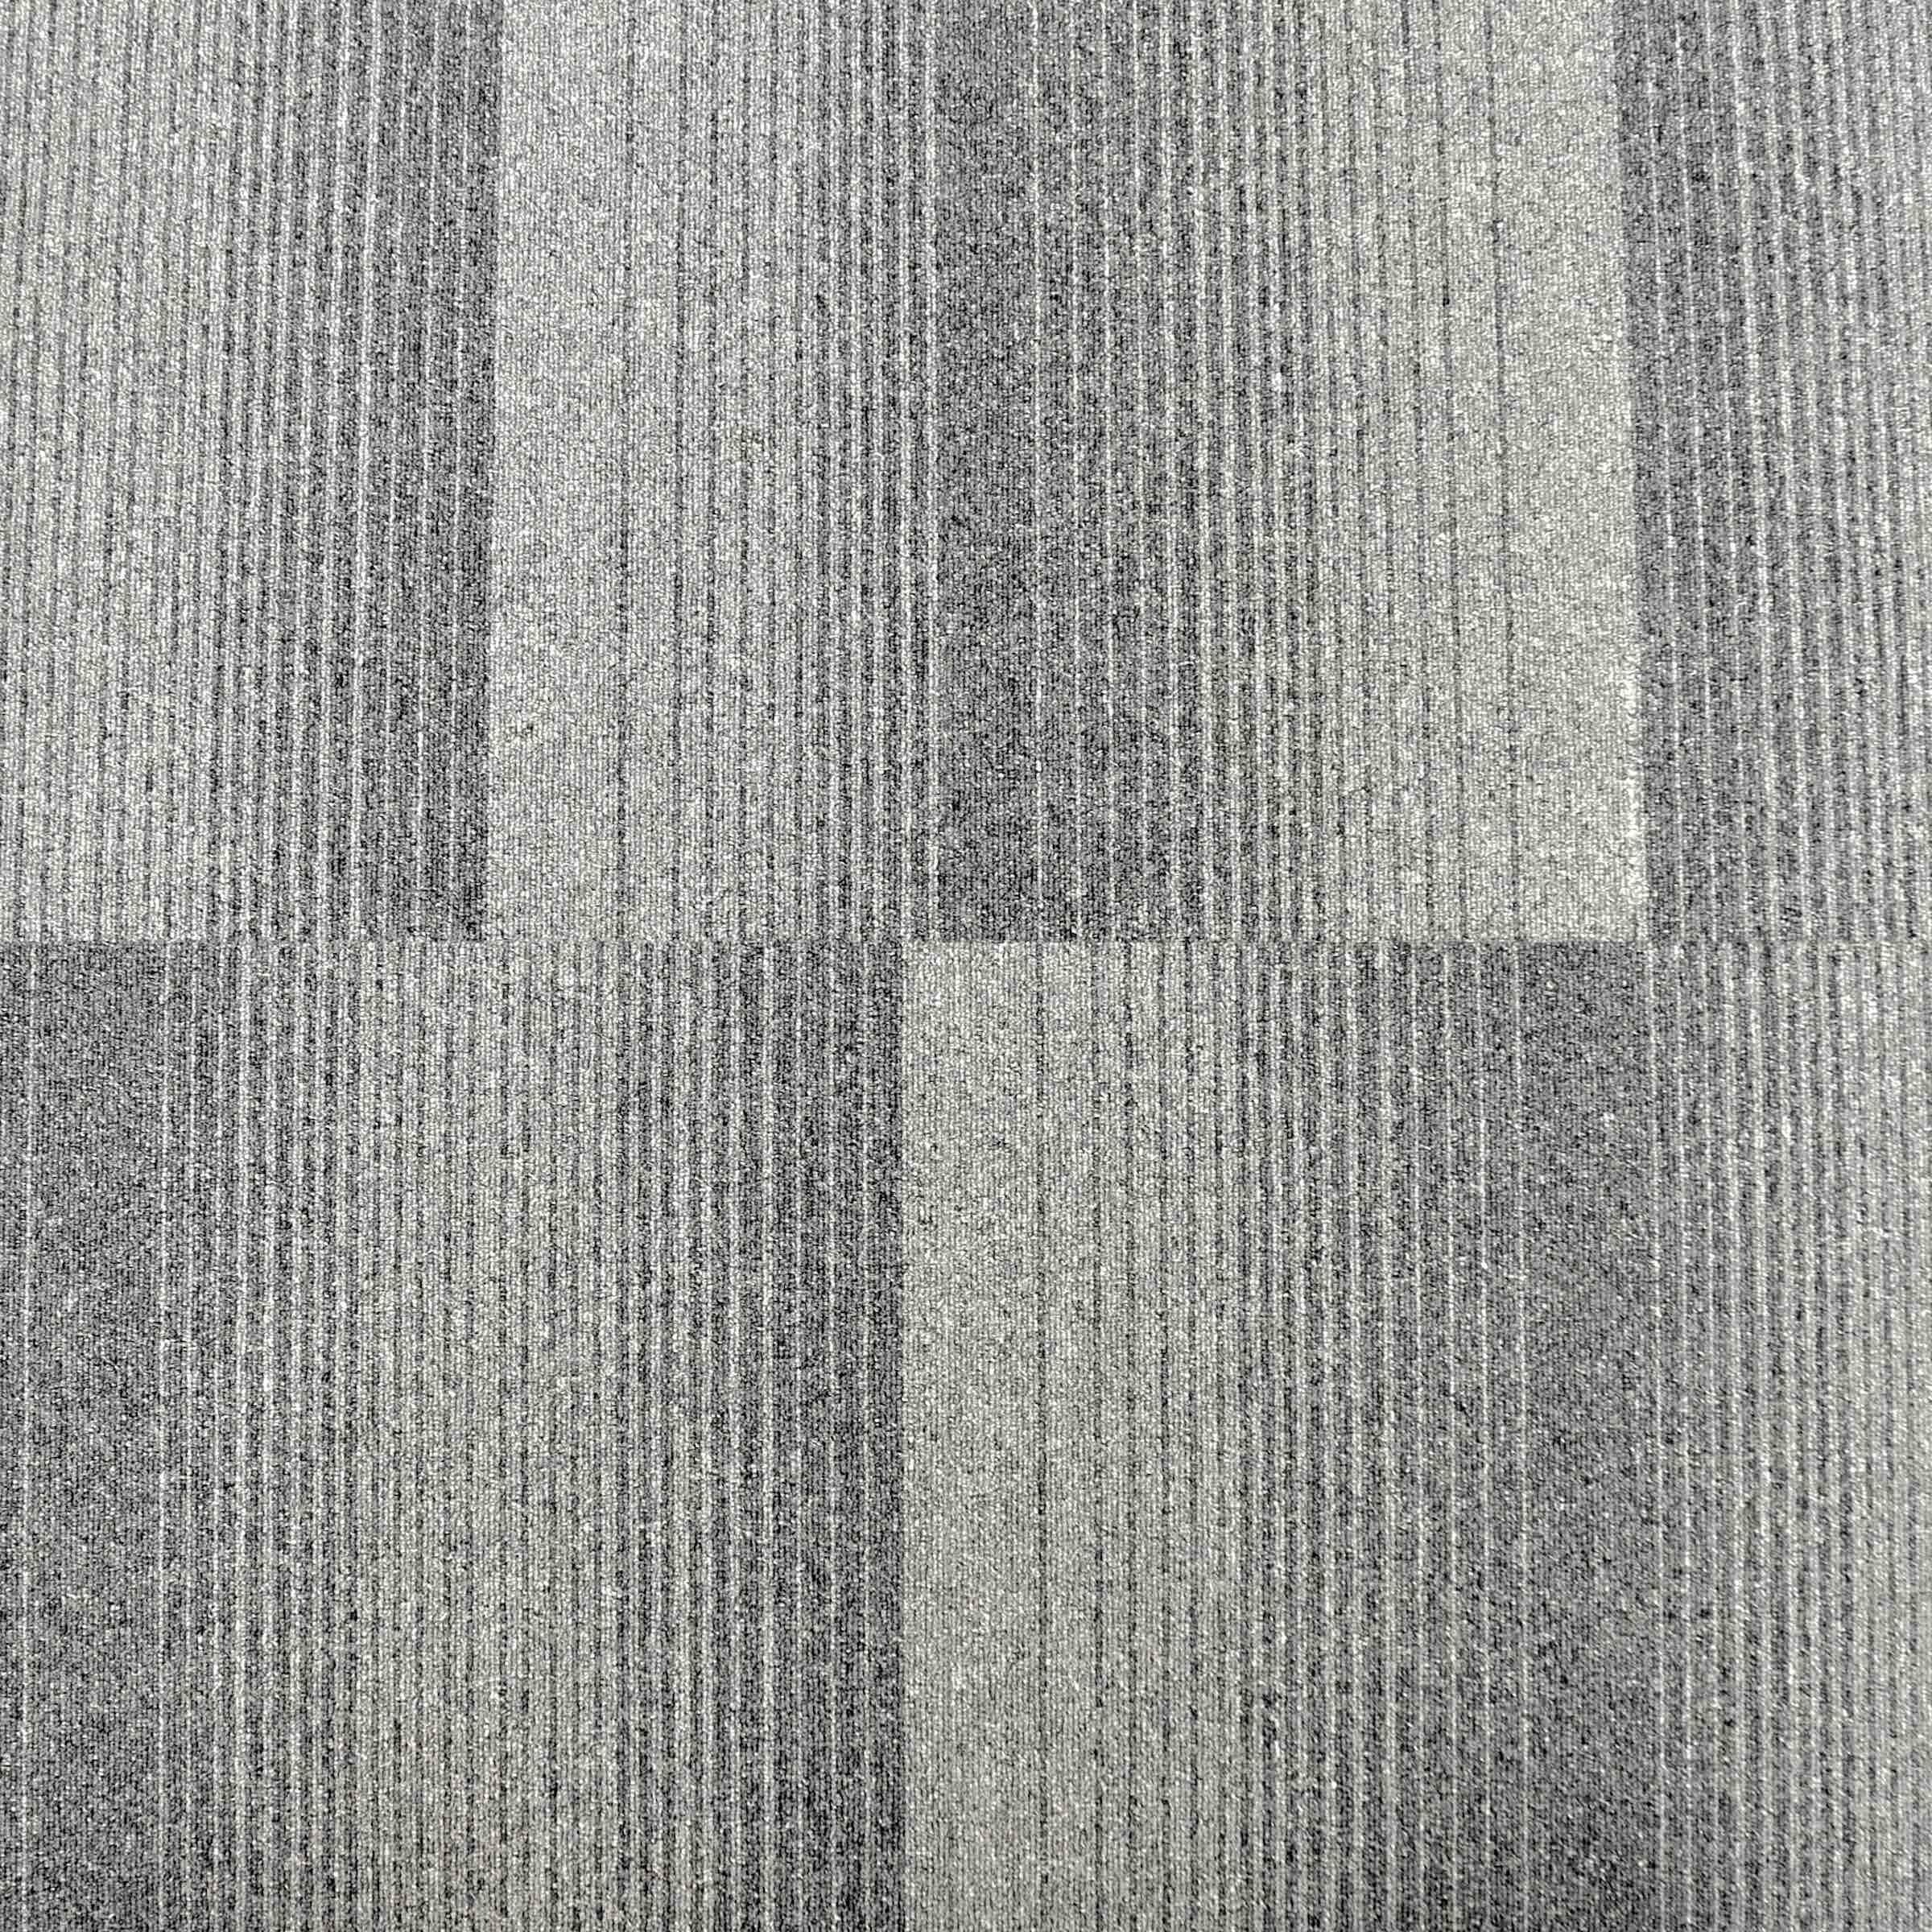 Diversity Groove | Vibe | Paragon Carpet Tiles | Commercial Carpet Tiles